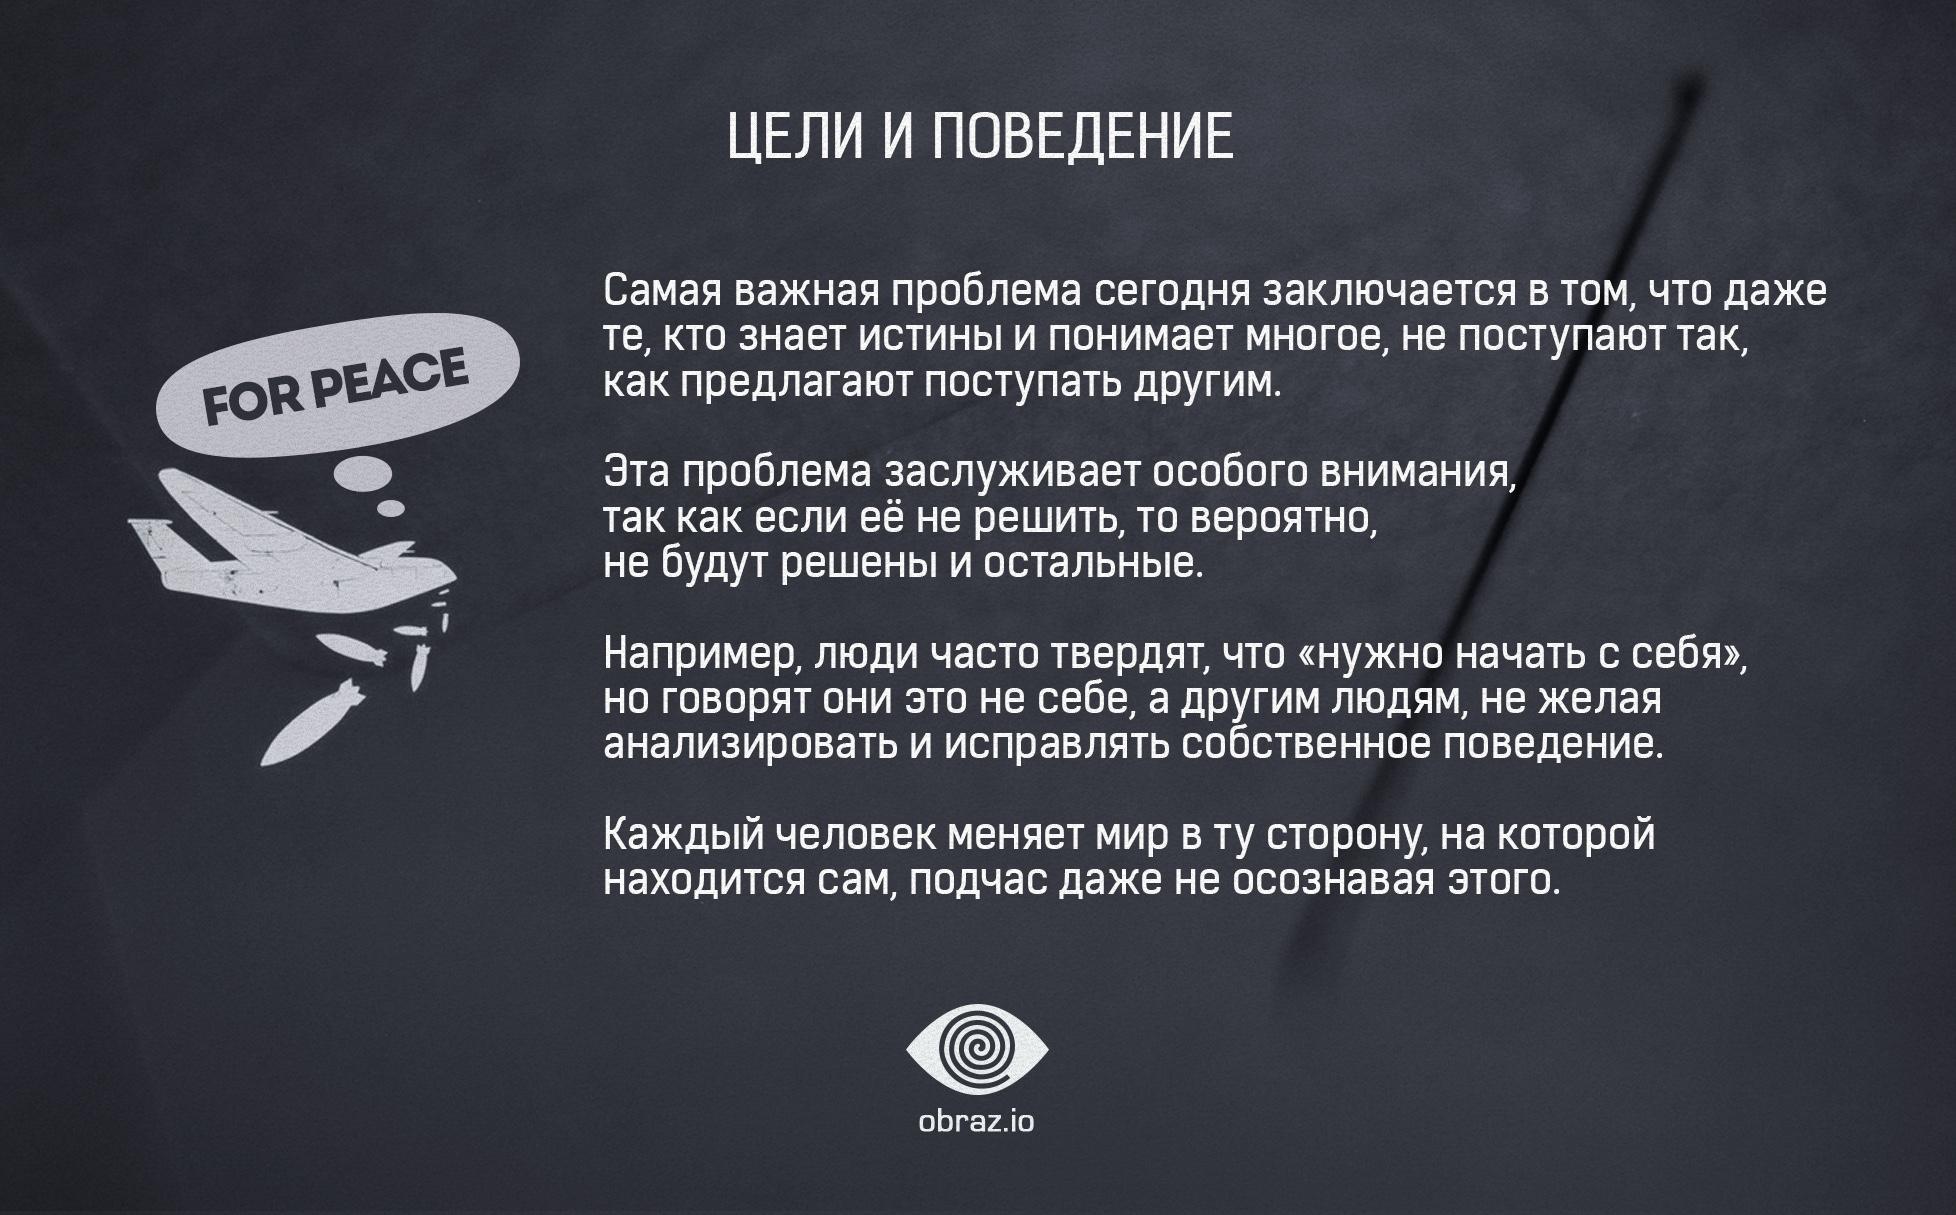 Email:learningkurakov@gmail com3292 1qnhaxf.zt3gb3ayvi